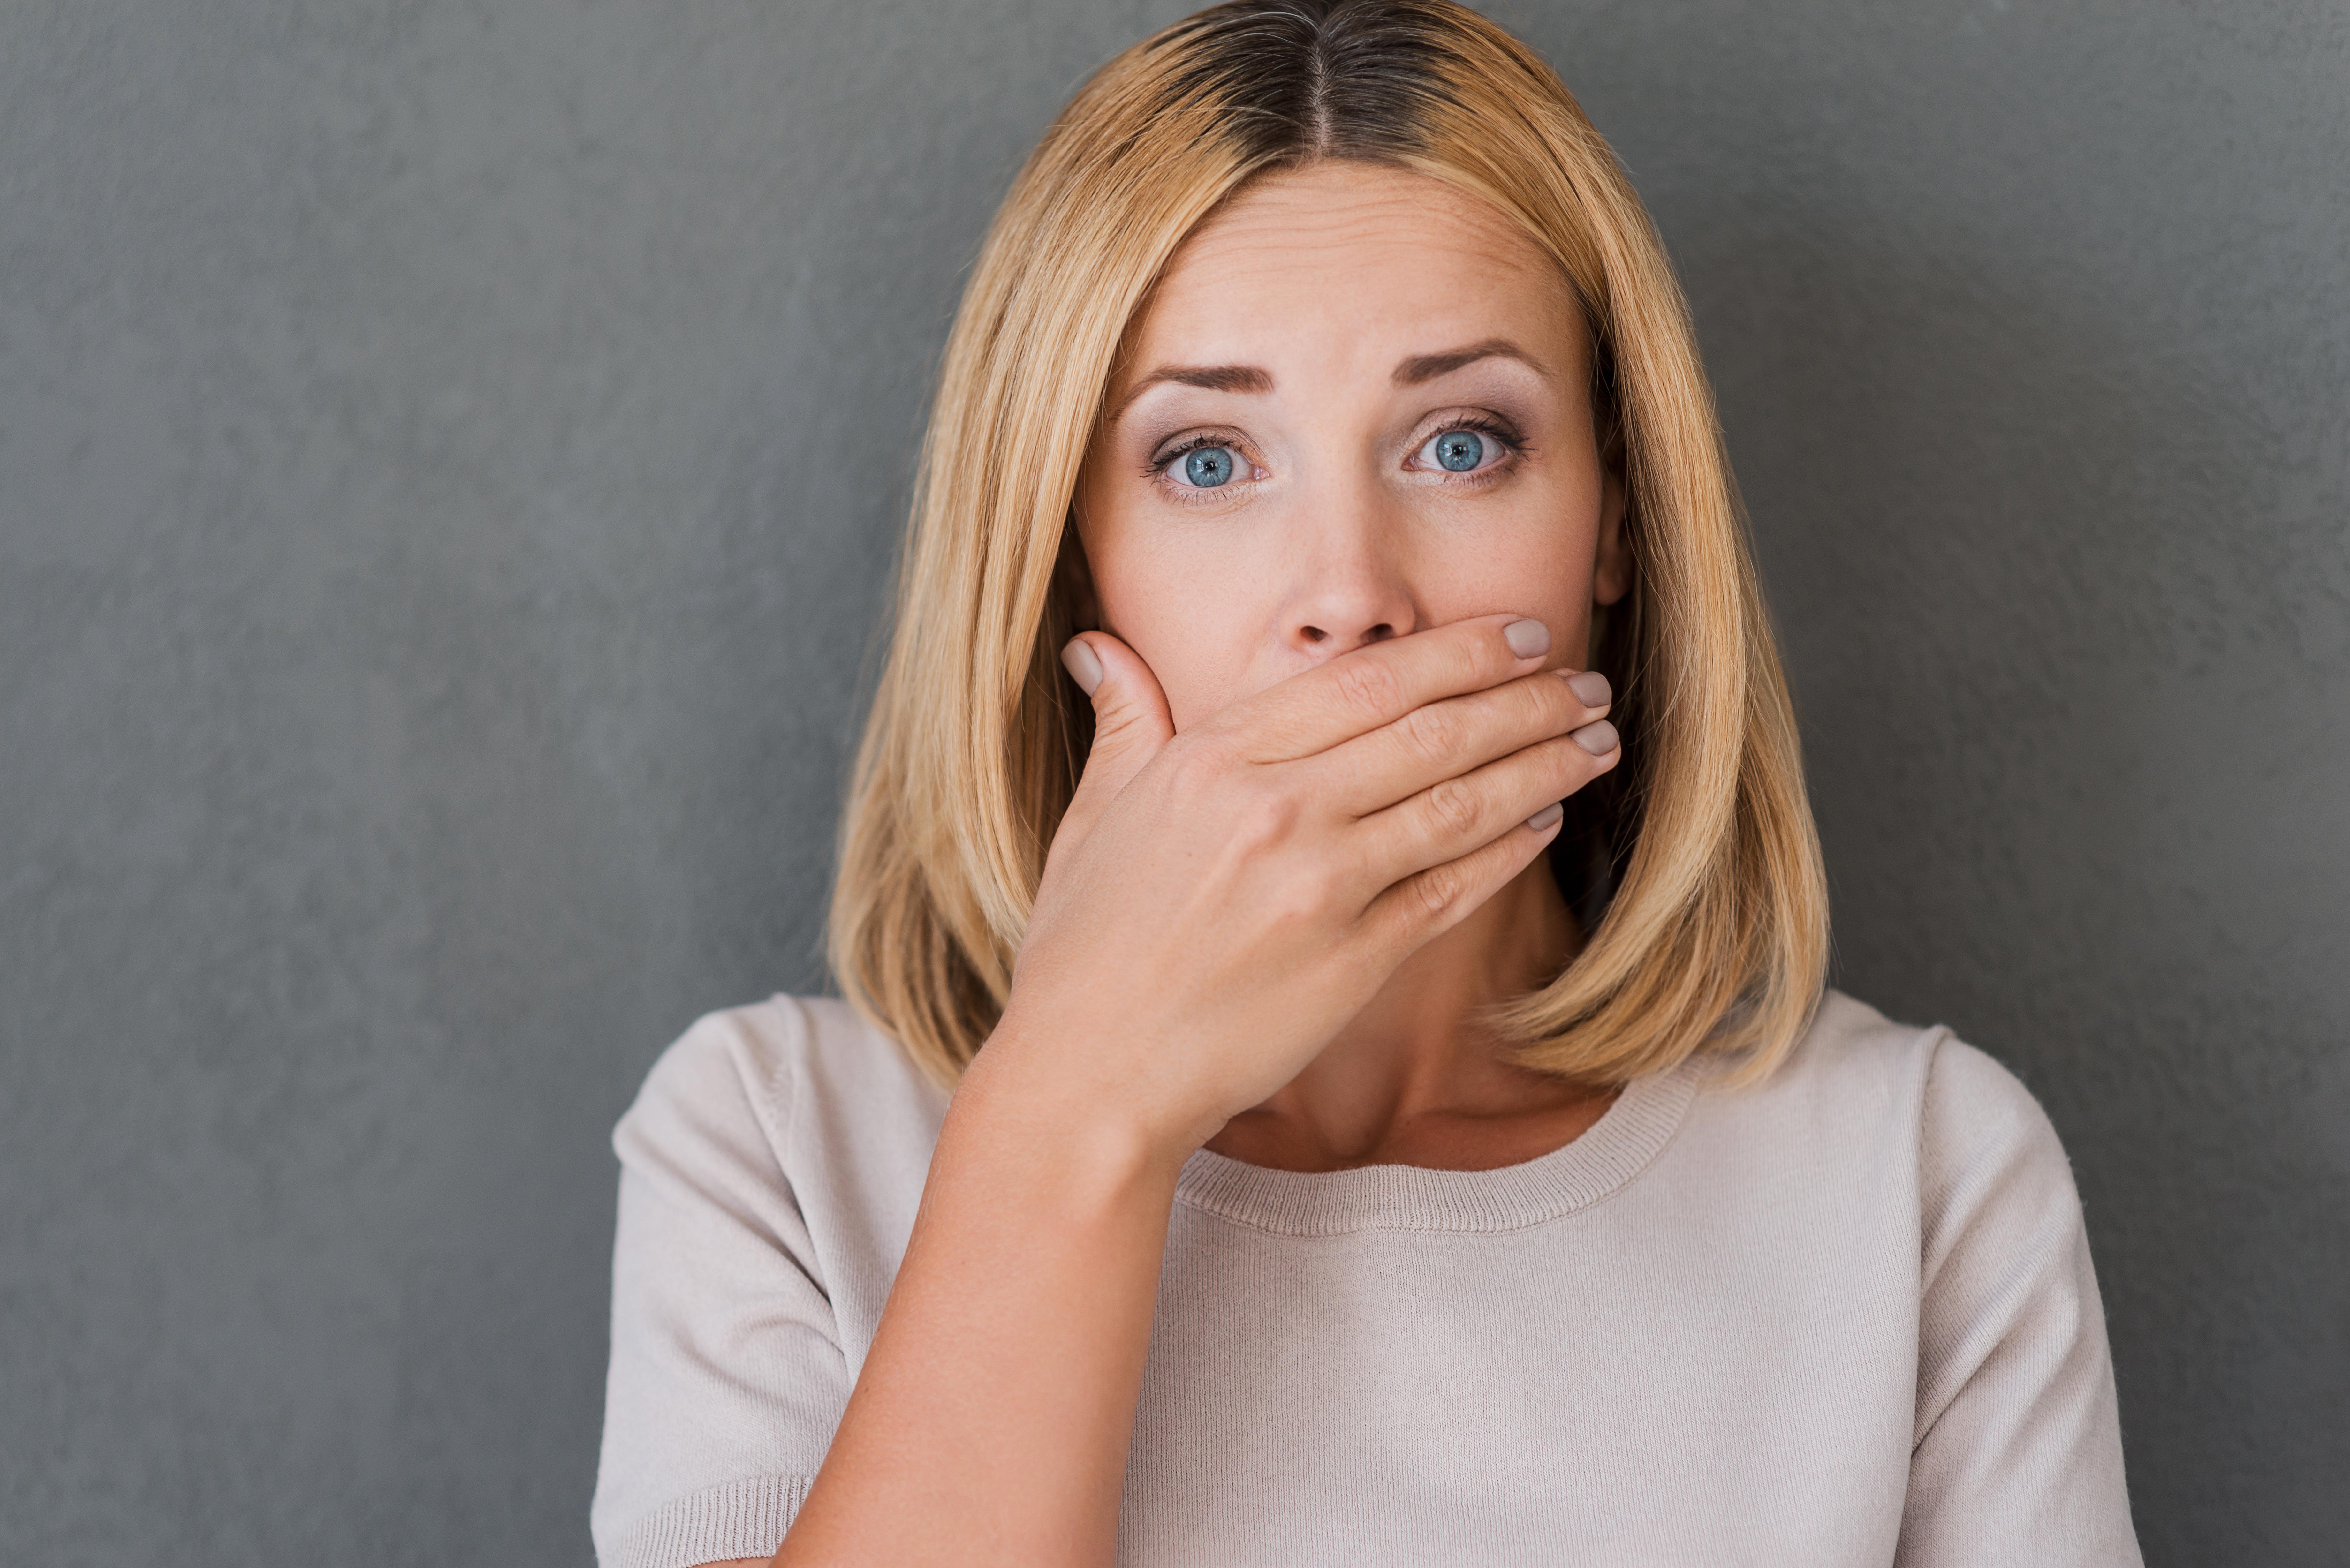 Vanligaste symtomen på munherpes är munsår med vätskefyllda blåsor.